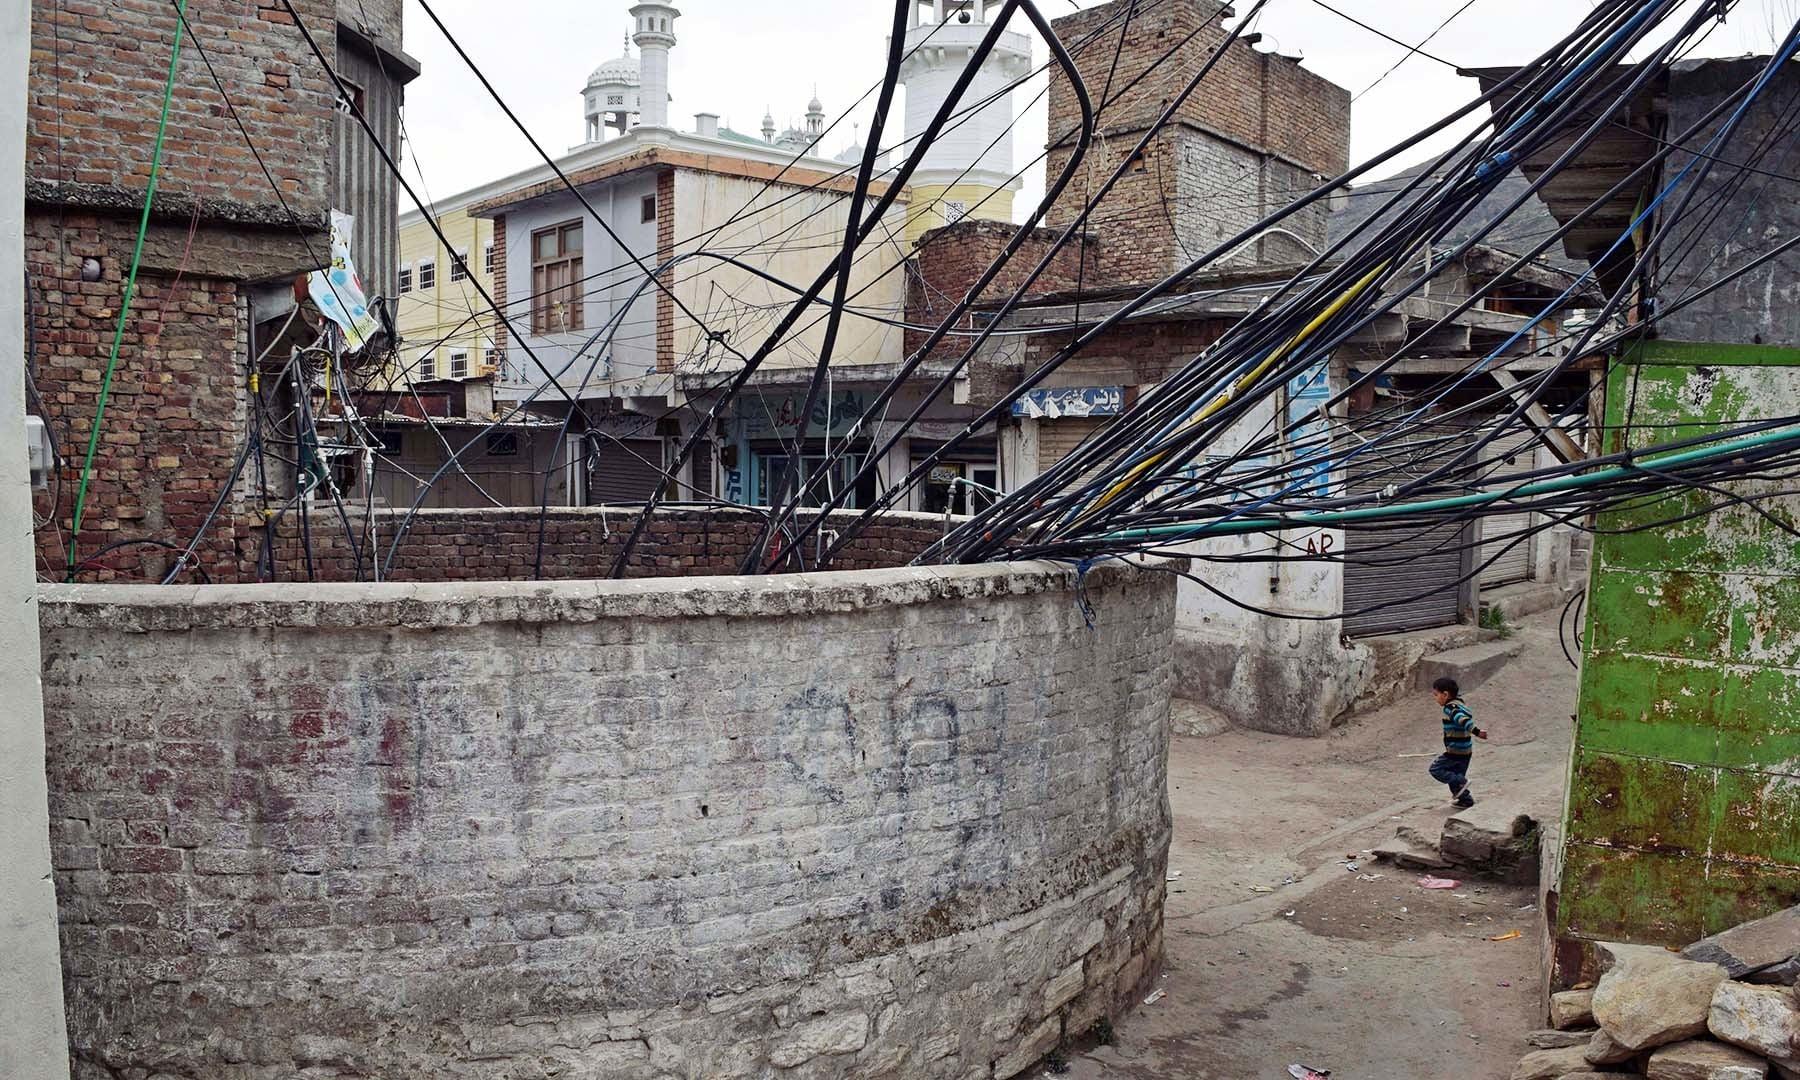 سیدو بابا کا چشمہ جہاں اب لاتعداد الیکٹرک موٹر نصب ہیں اور پانی استعمال کے قابل نہیں رہا— فوٹو امجد علی سحاب